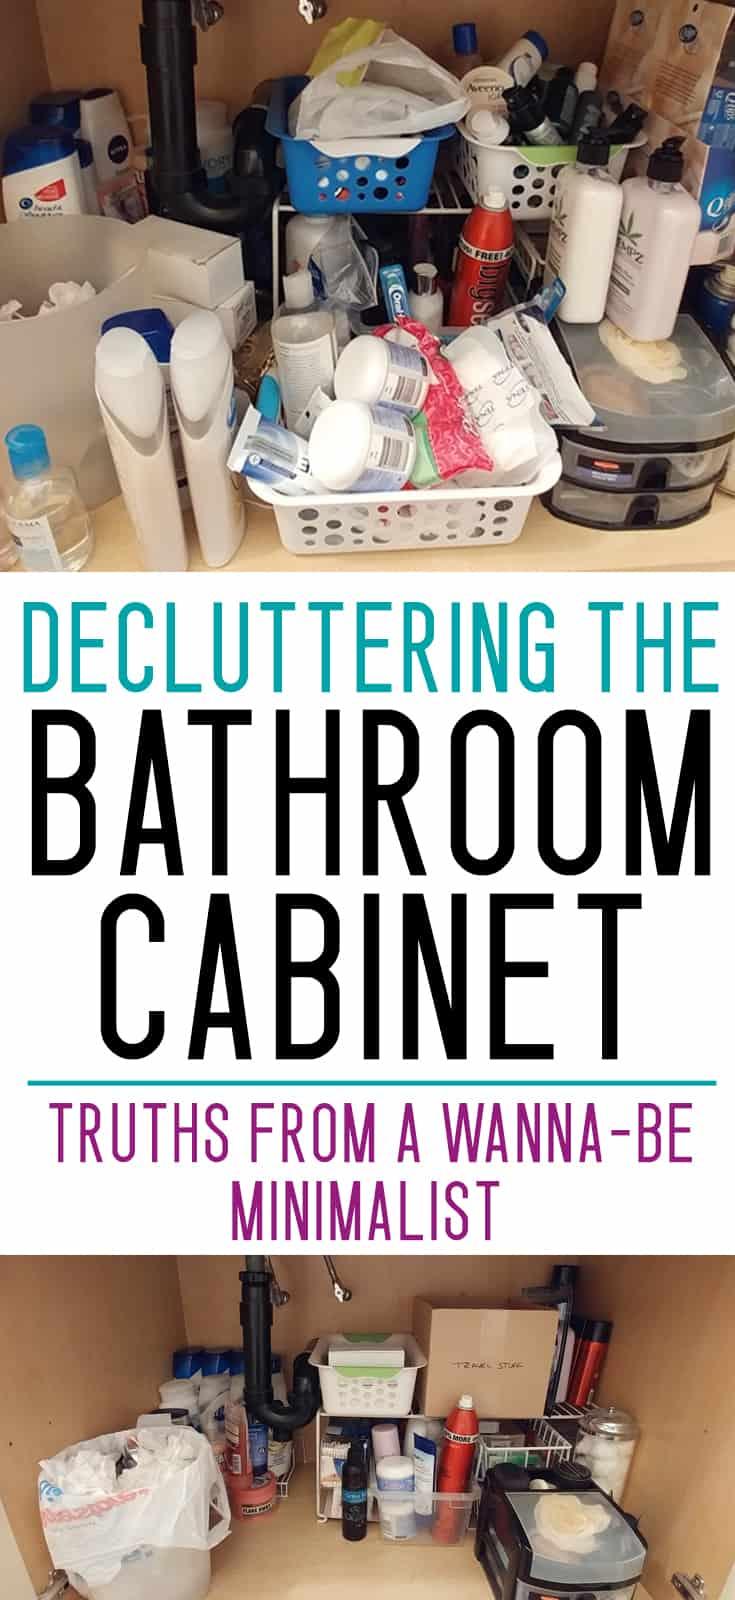 bathroom cabinet organization ideas - decluttering under the sink